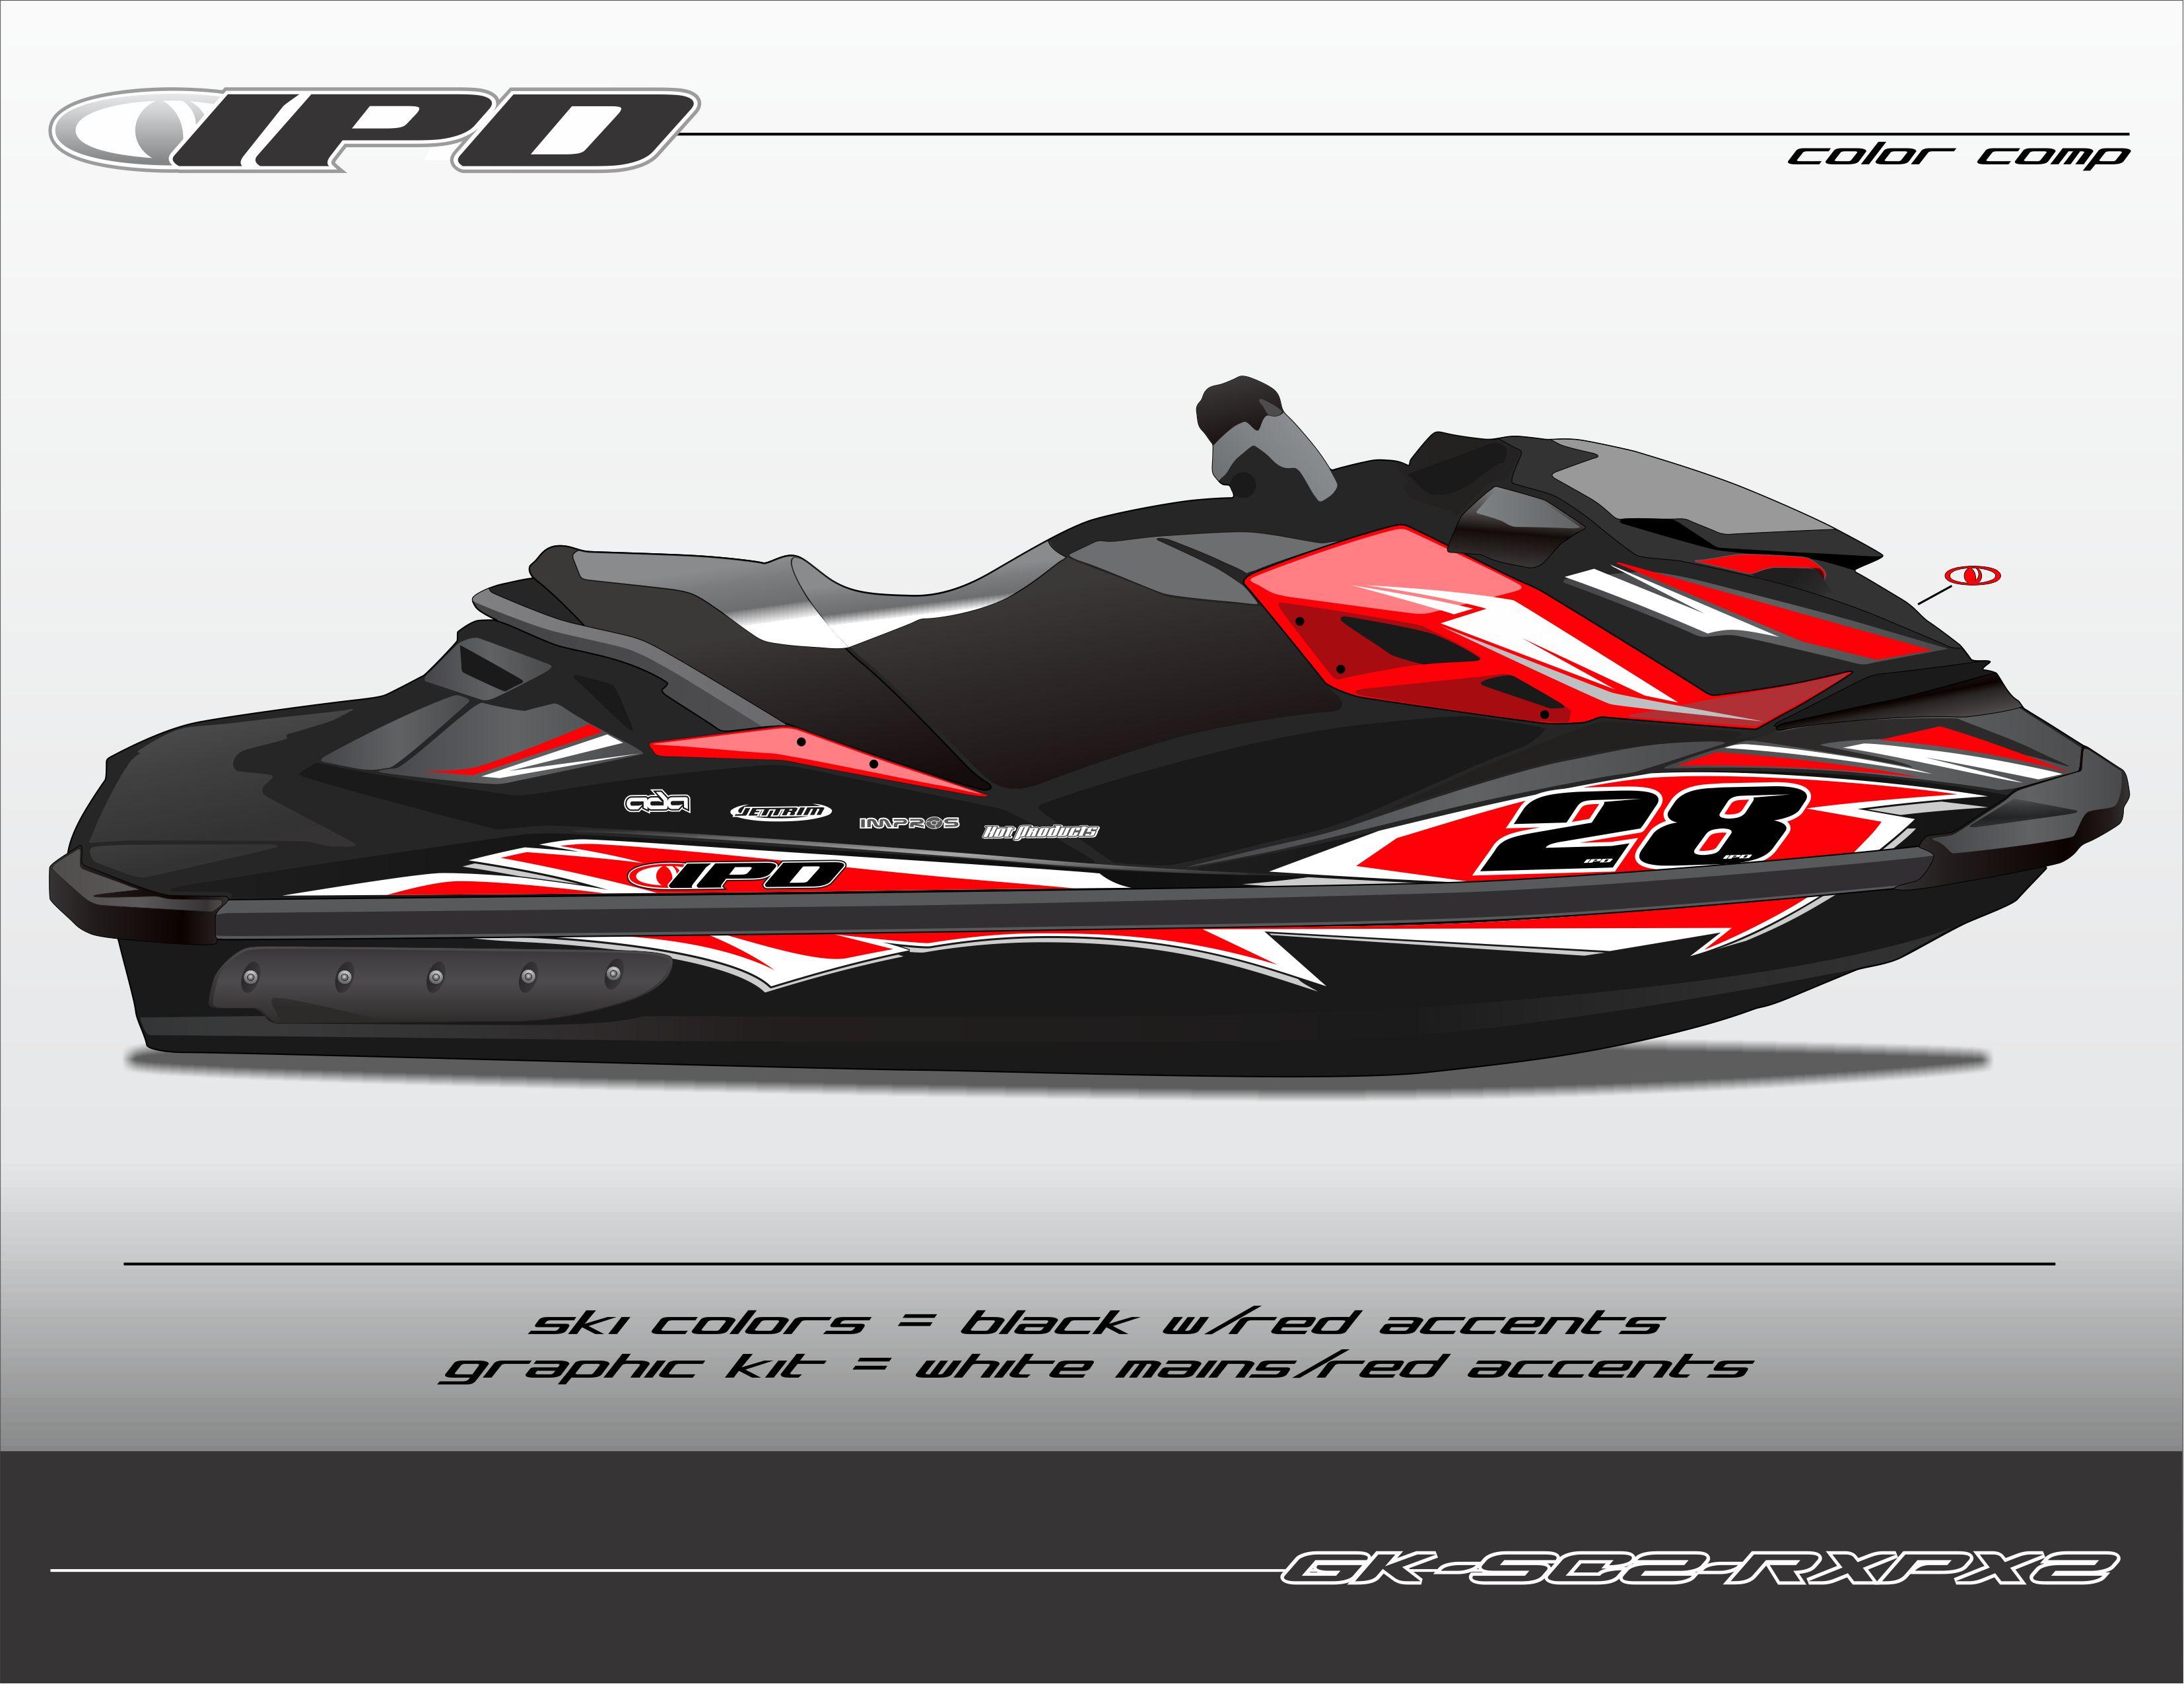 Sea Doo Rxp X 260 >> Sea-Doo RXP-X 260 & 300 Graphics Kit (SC2 Design) – IPD Jet Ski Graphics